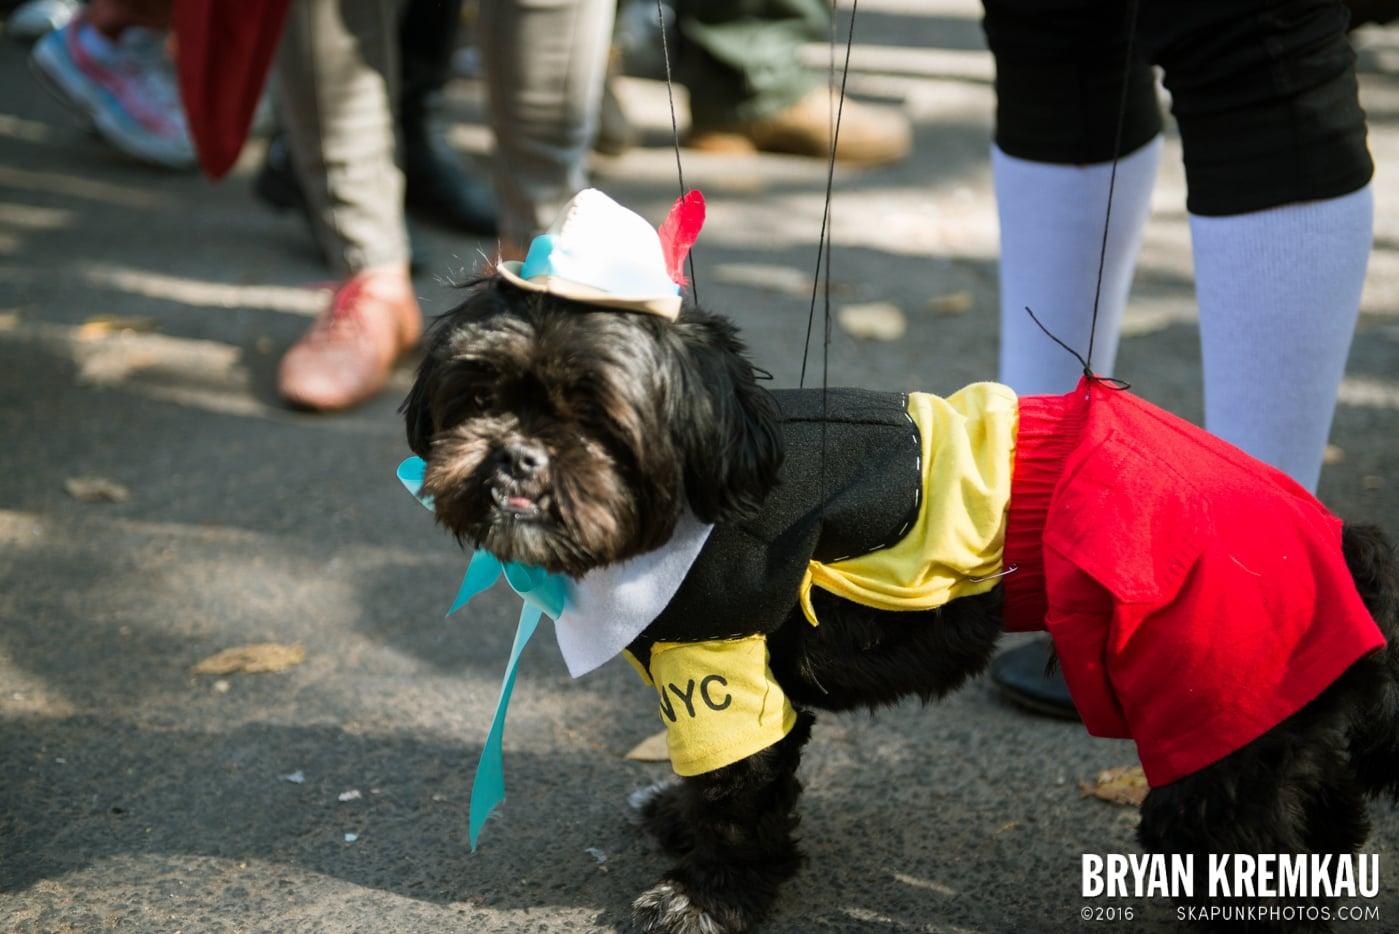 Tompkins Square Halloween Dog Parade 2013 @ Tompkins Square Park, NYC - 10.26.13 (28)